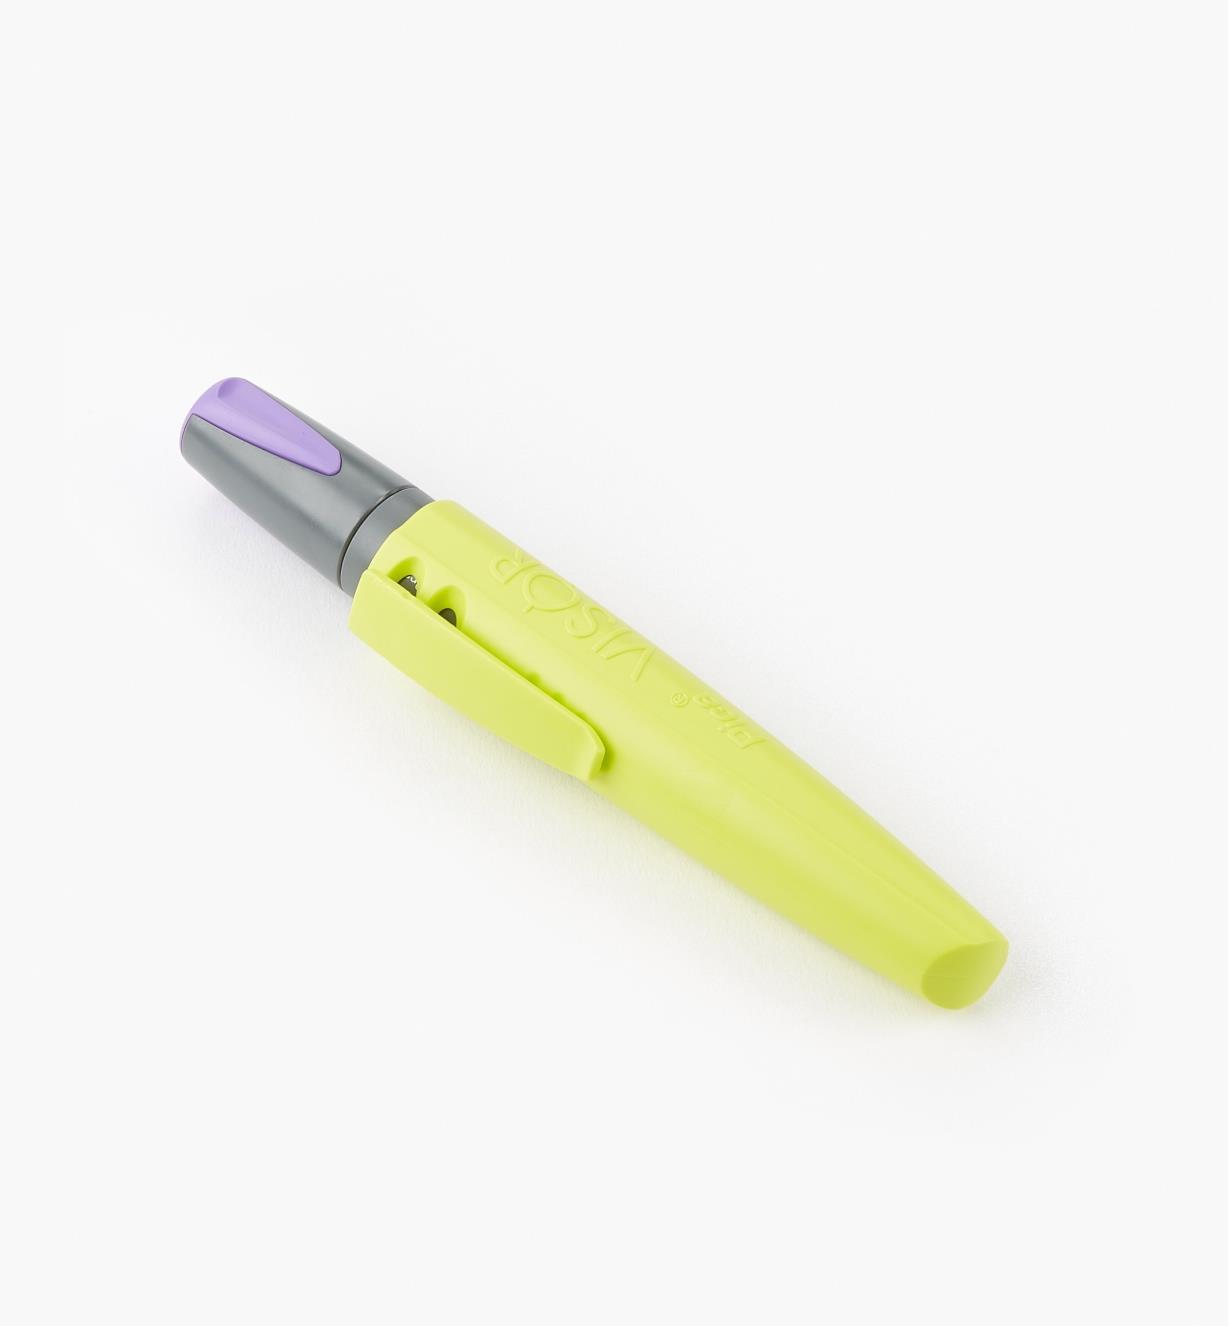 25K0475 - Marqueur effaçable à sec Pica-Visor, violet, l'unité